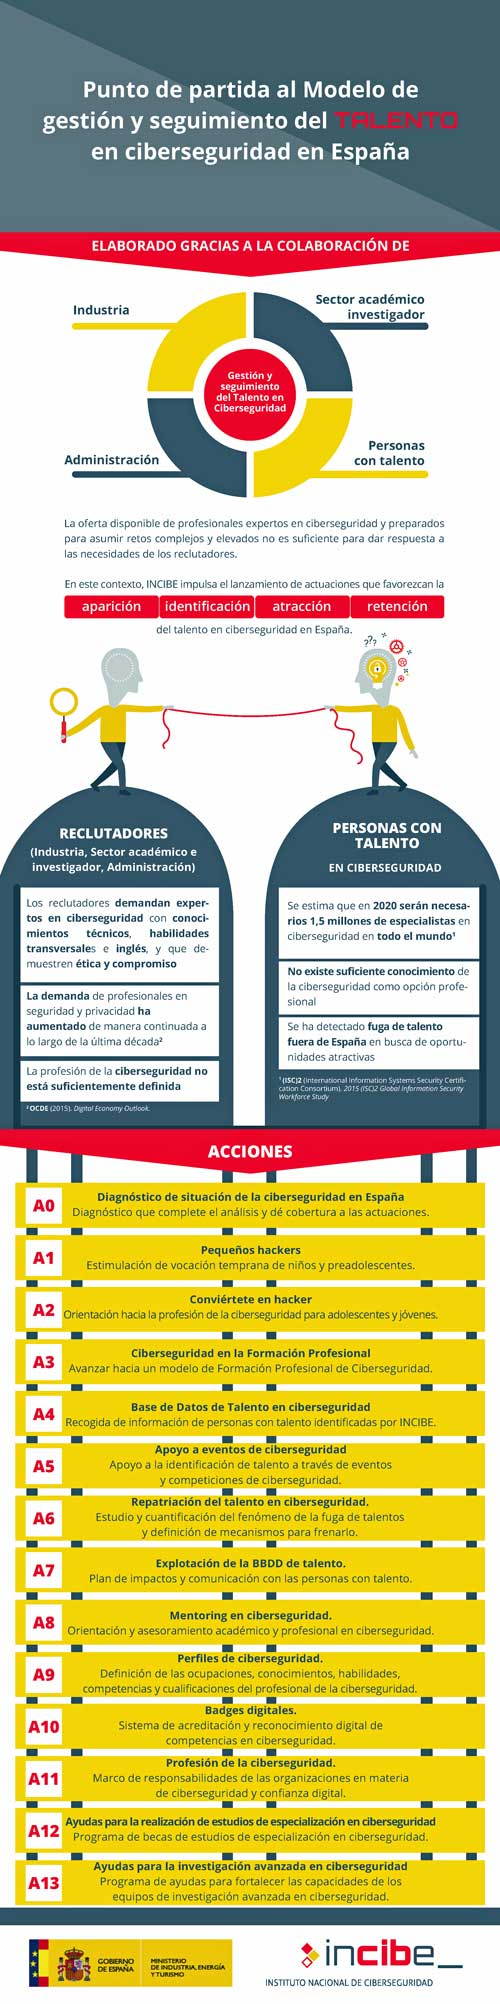 Esquema de los principales elementos del modelo global de gestión y seguimiento del talento en ciberseguridad elaborado por INCIBE